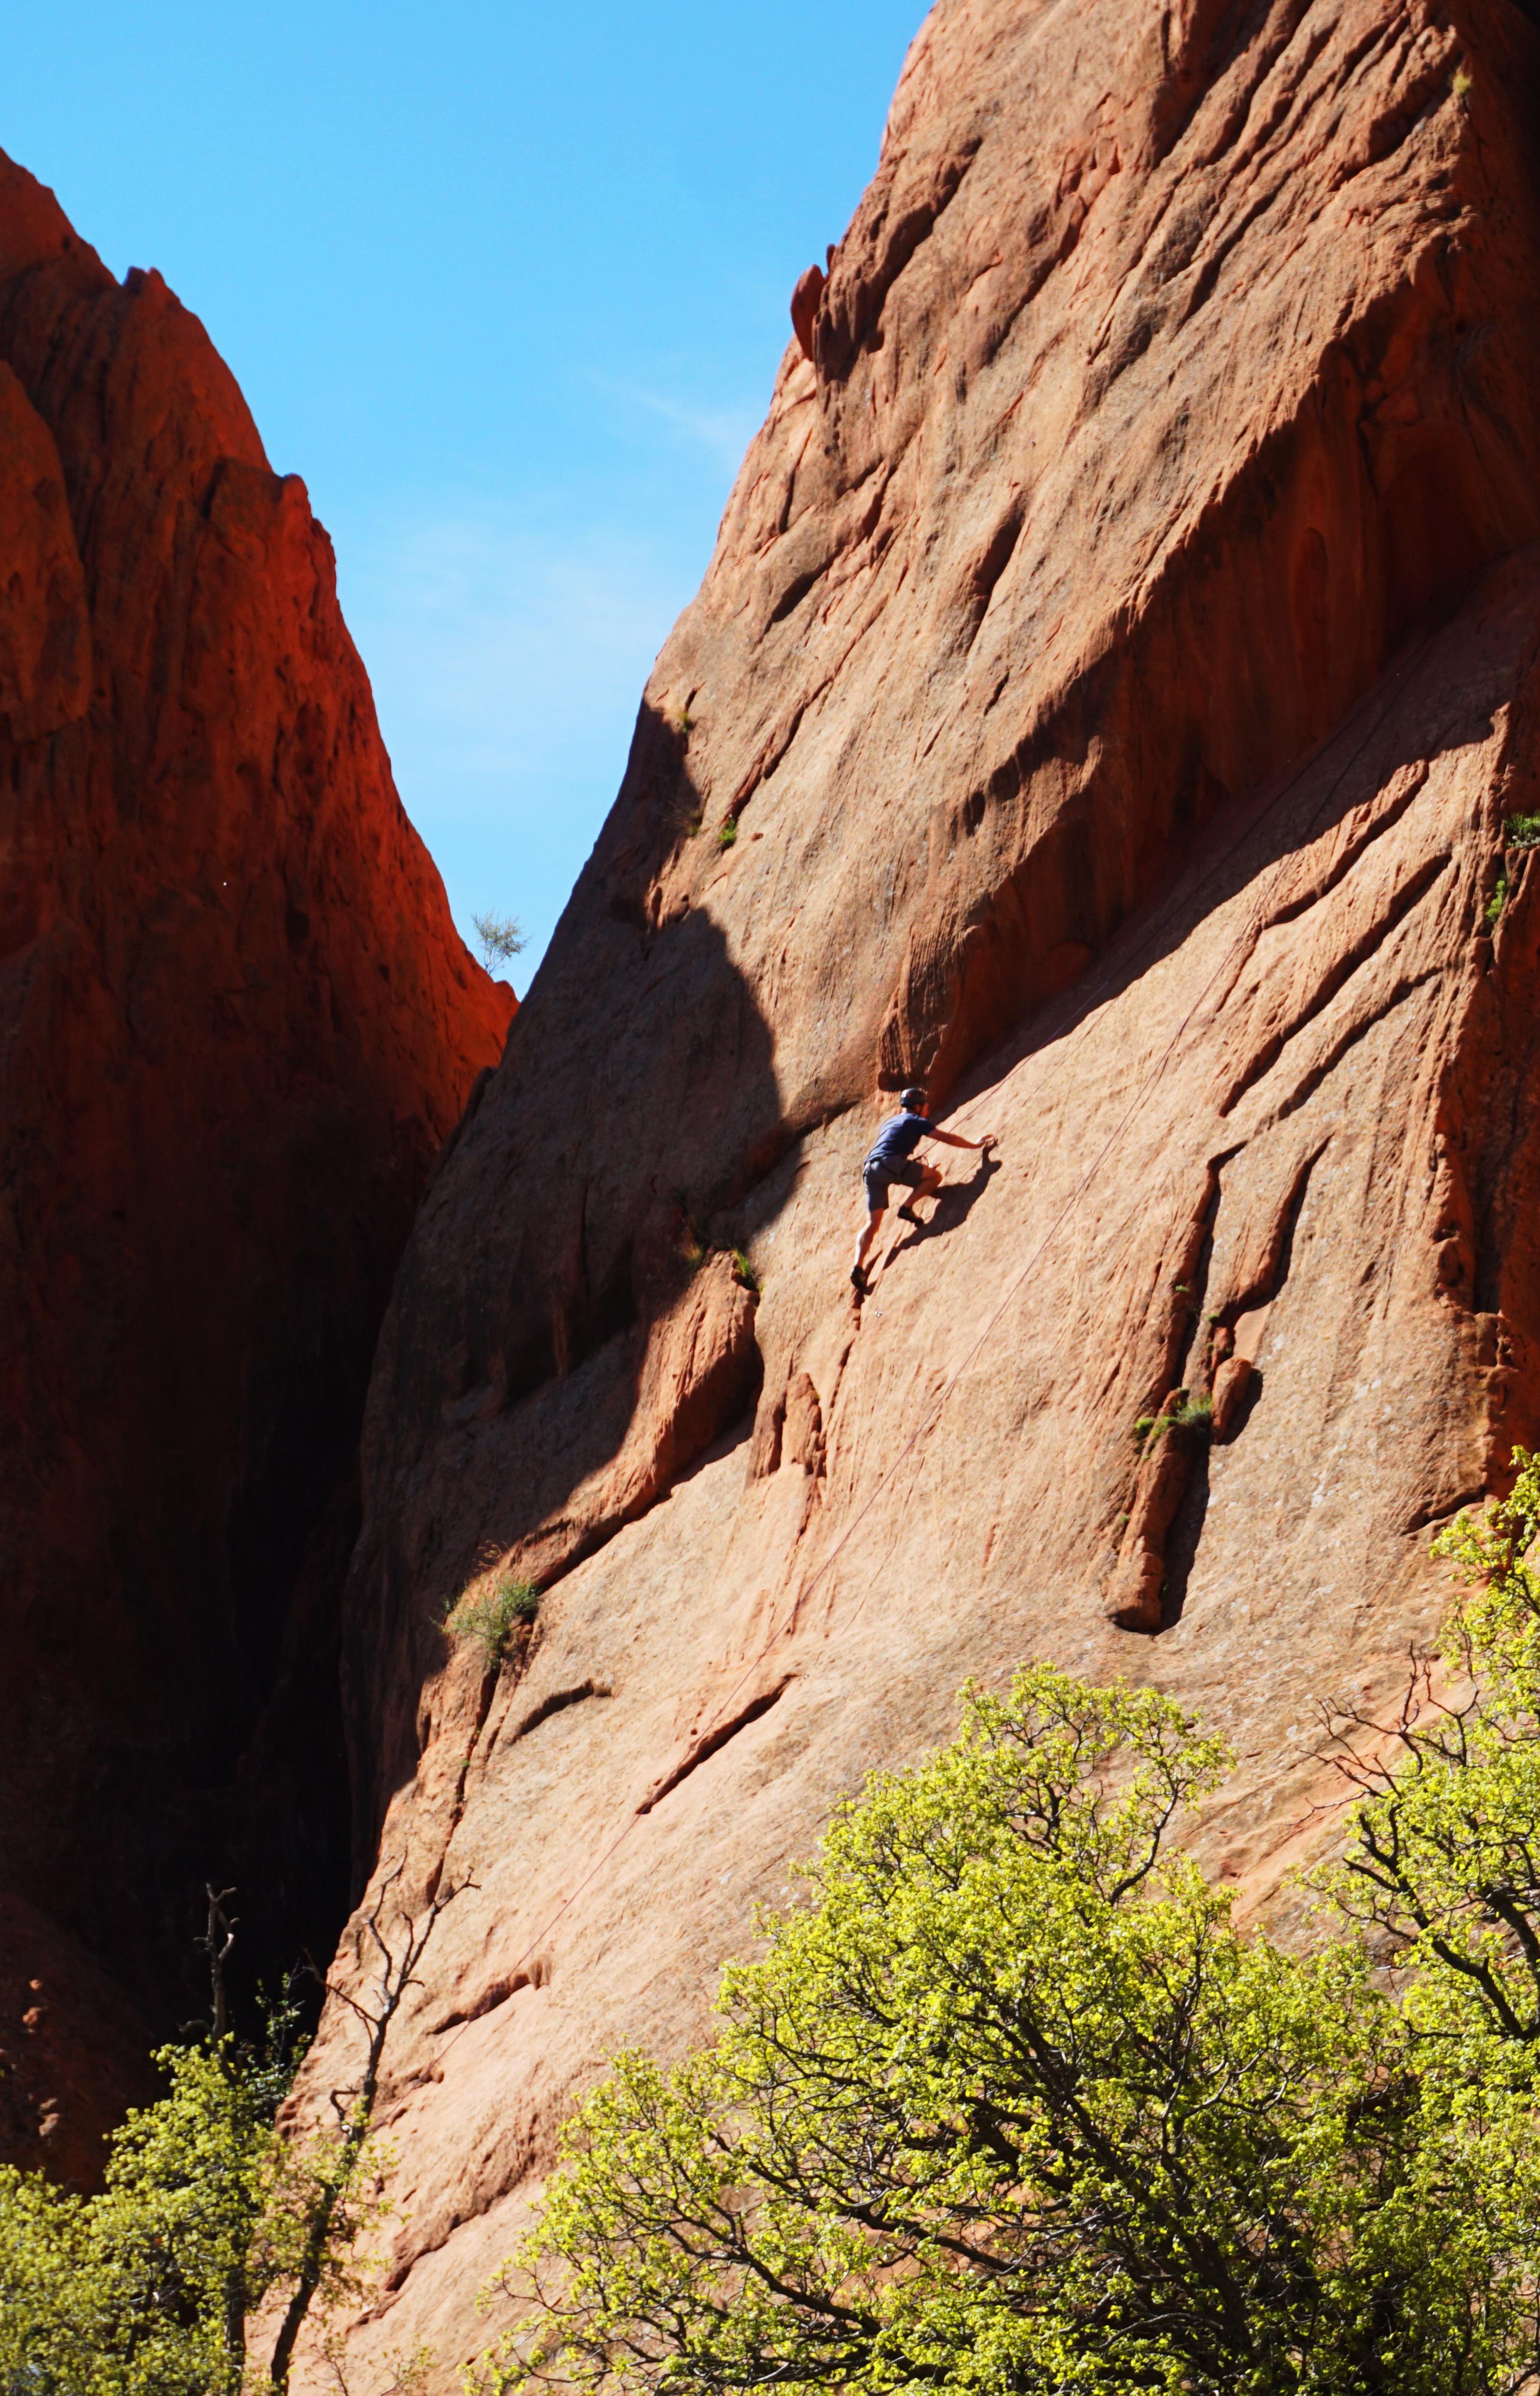 Rock climber in Garden of the Gods in Colorado Springs